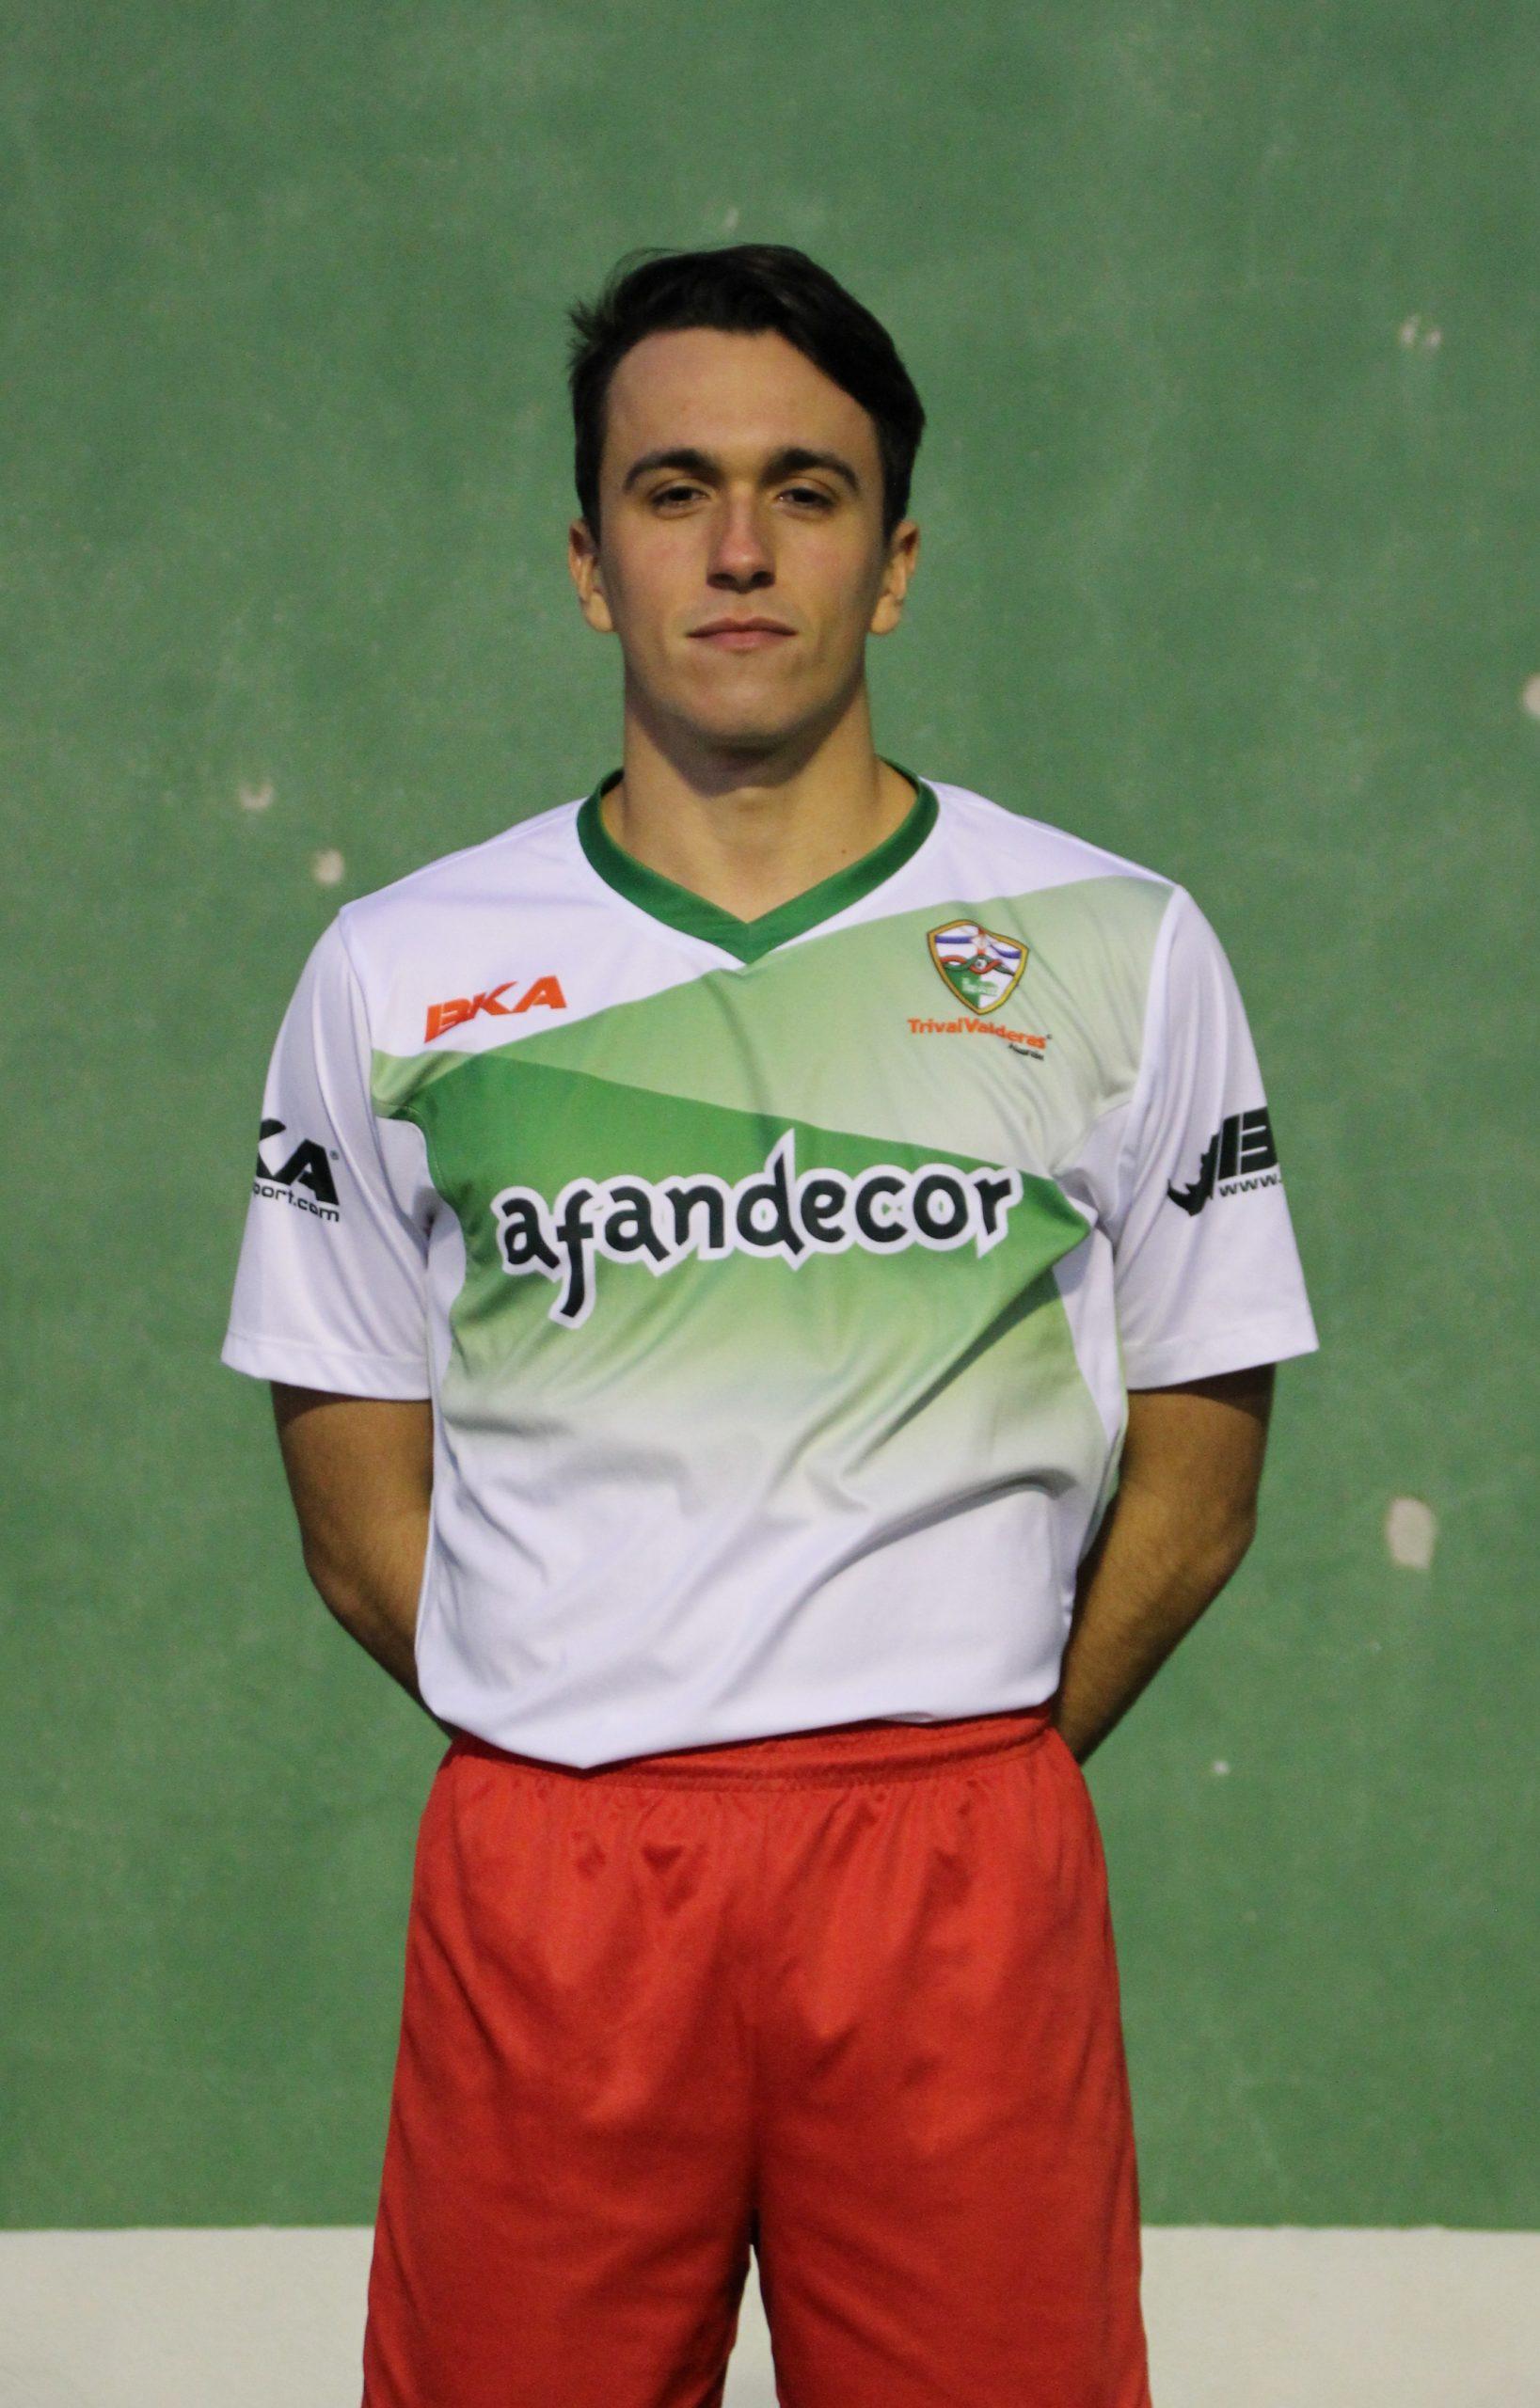 Alejandro García de Sande